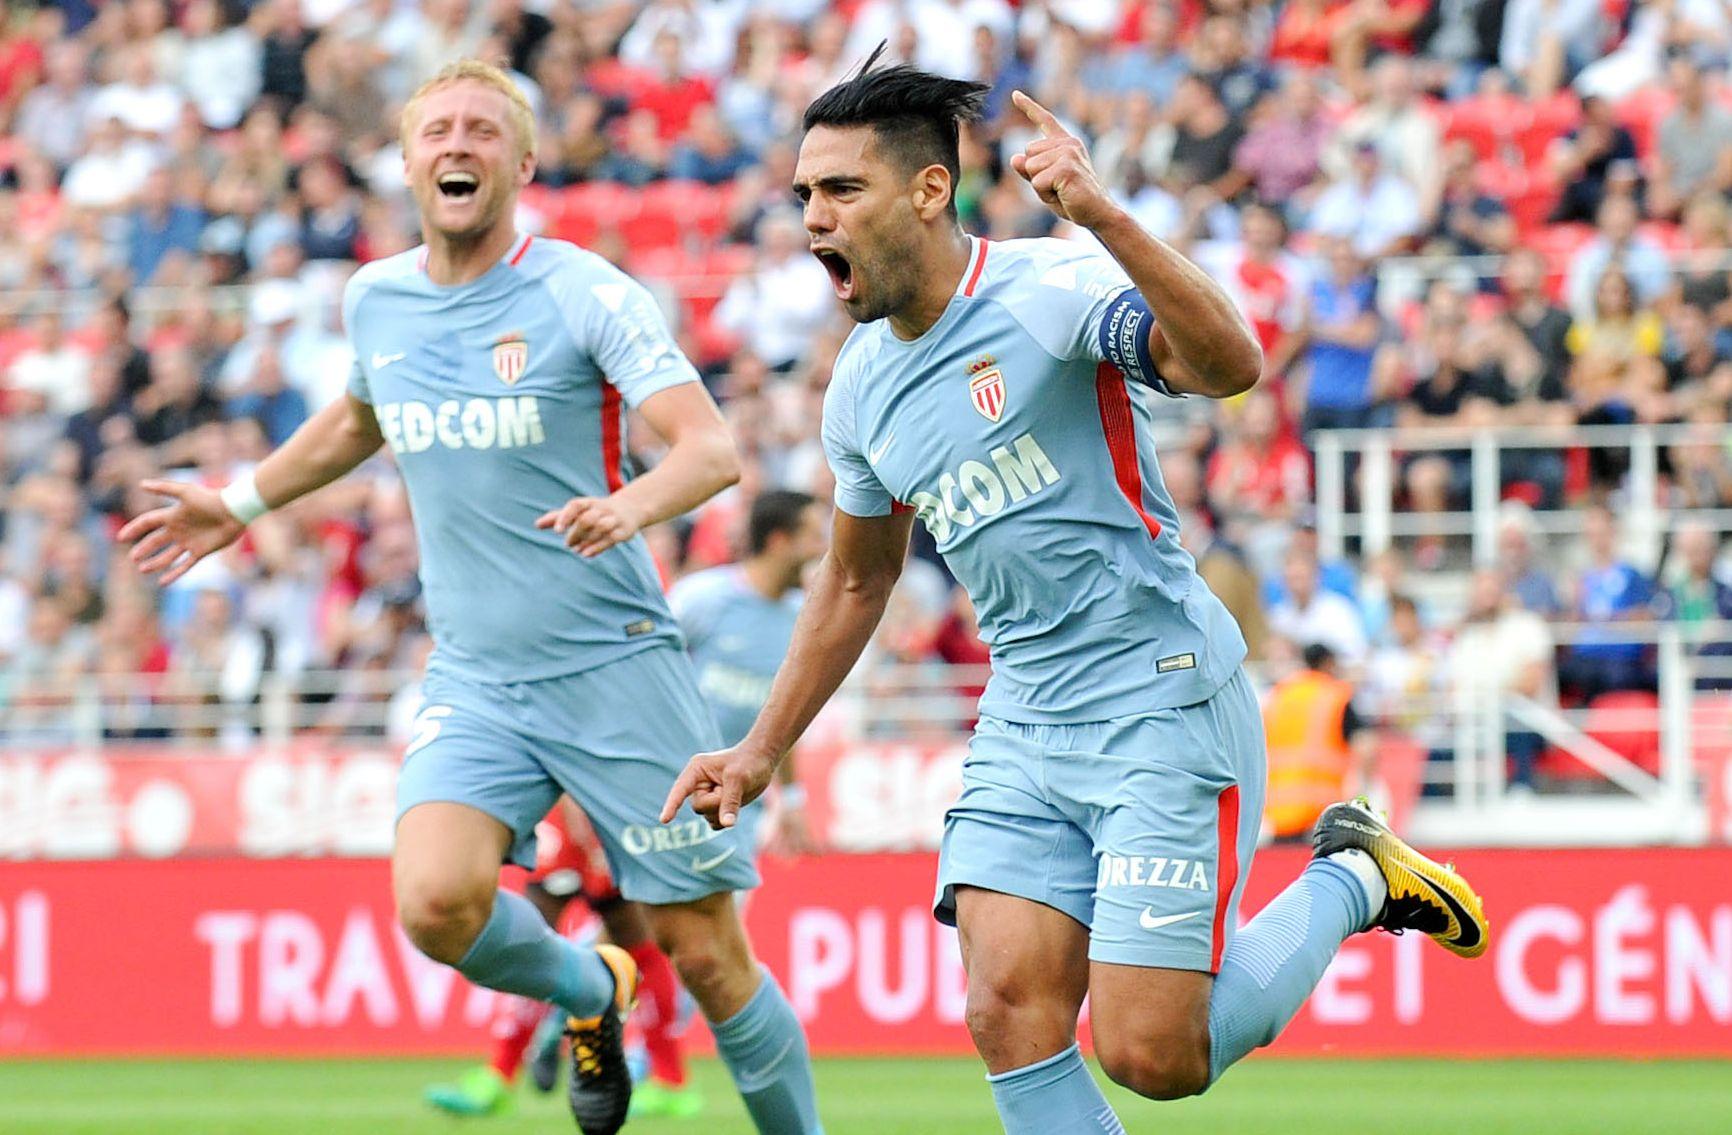 Football - Ligue 1 - Monaco, Neymar, Mandanda : les stats à connaitre avant la 3e journée de L1